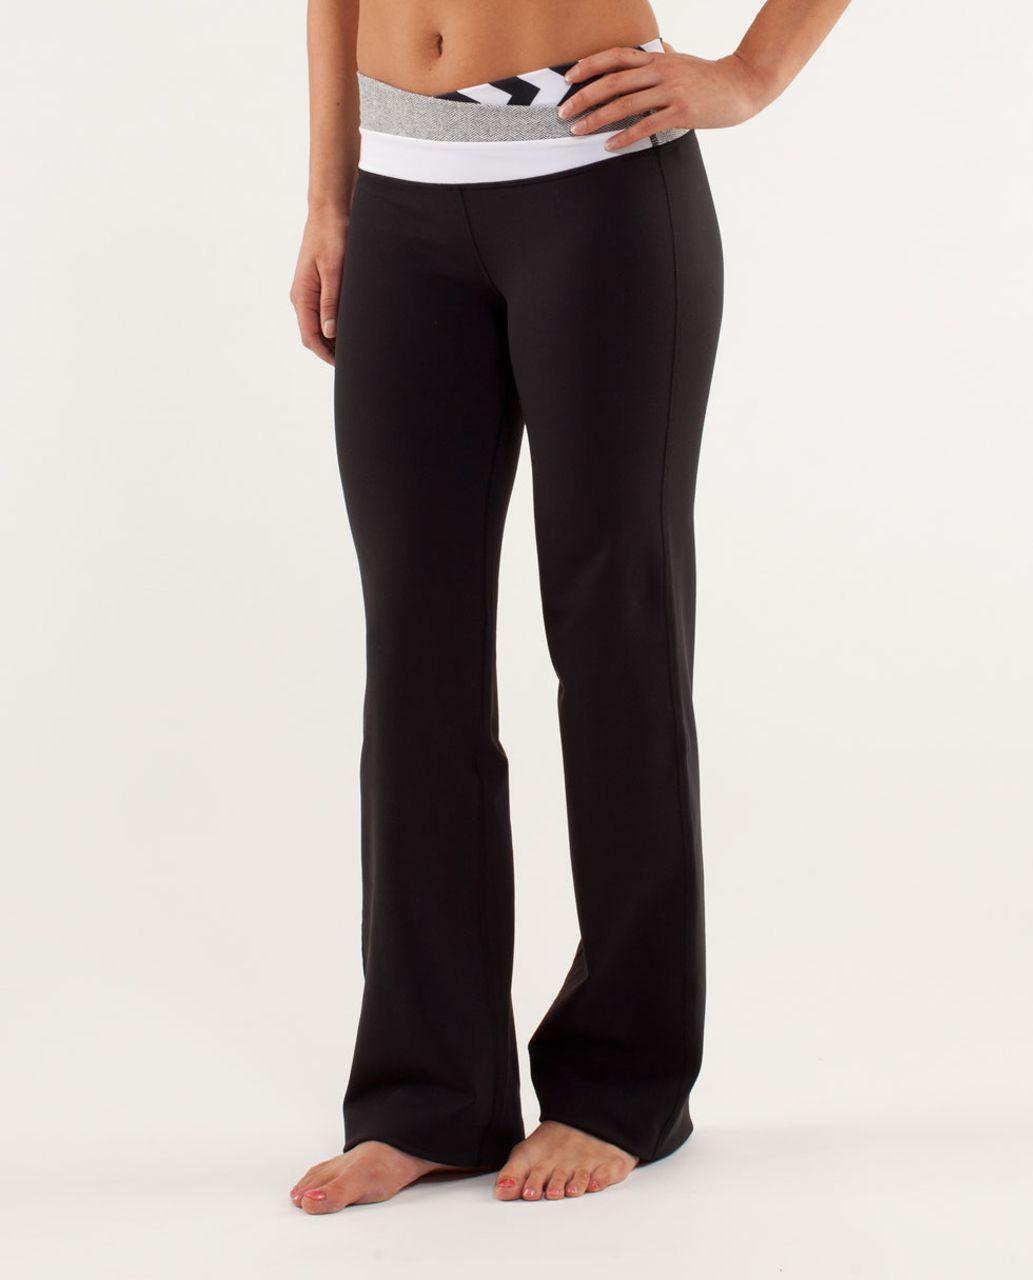 Lululemon Astro Pant (Regular) - Black / Arrow Chevron White Black / Herringbone White Black